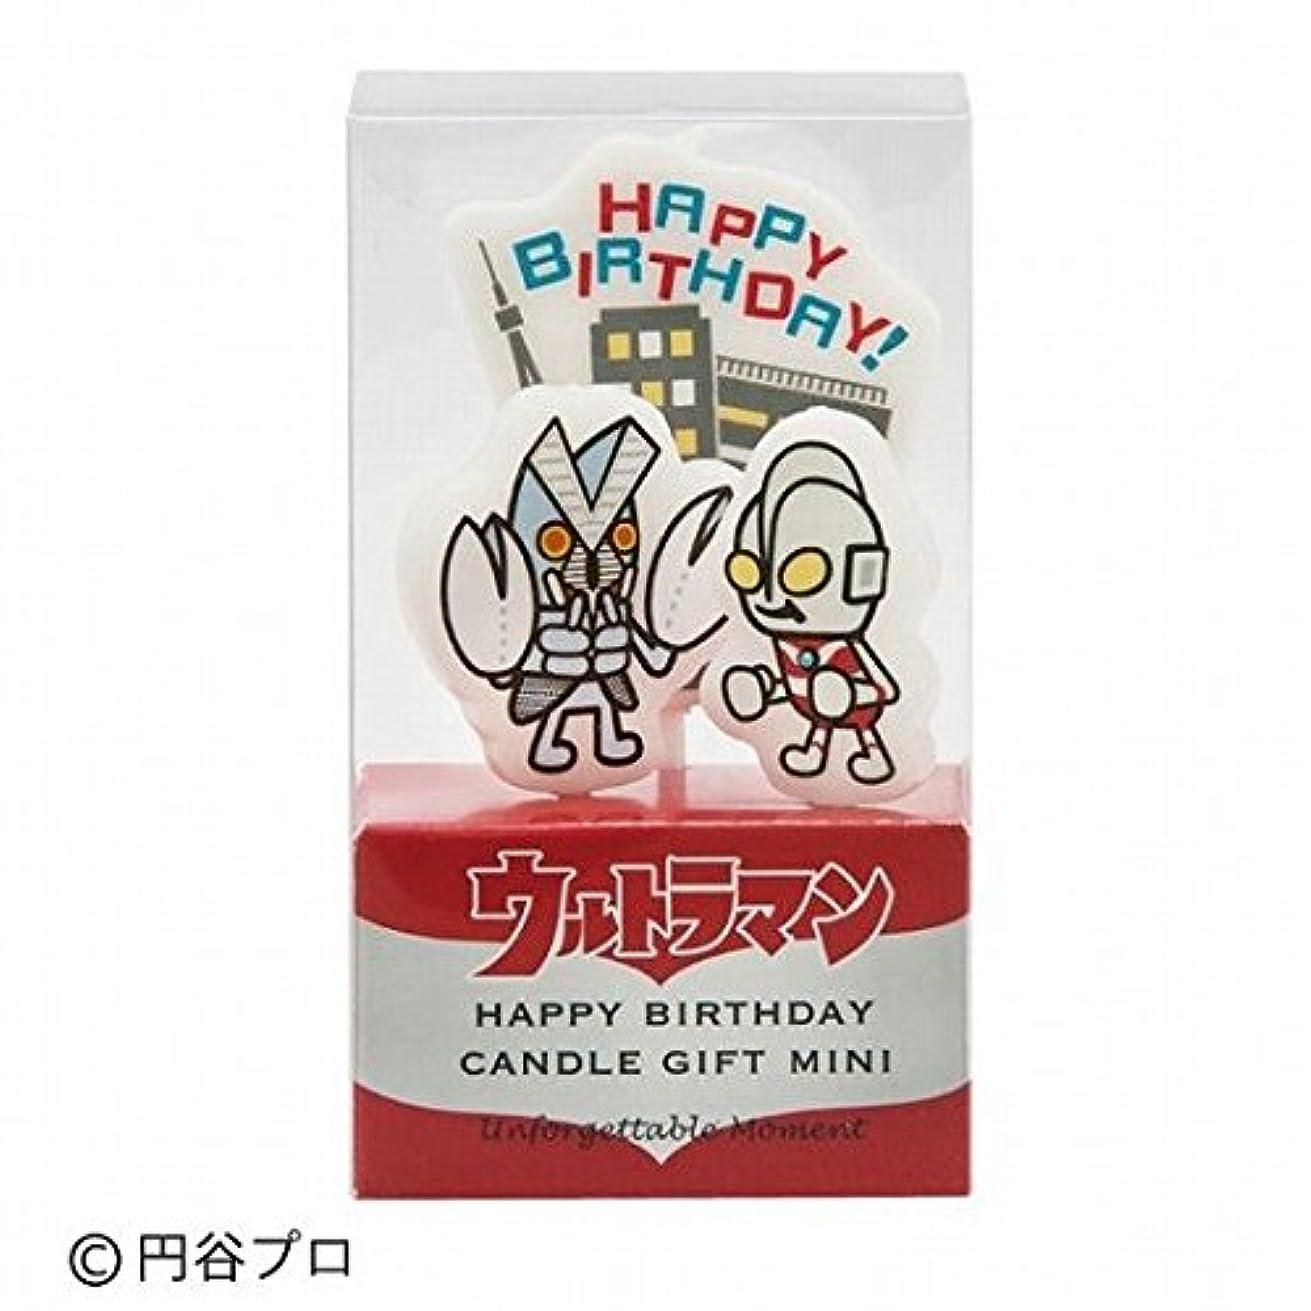 更新する脅迫植木kameyama candle(カメヤマキャンドル) ウルトラマンキャンドルギフトミニ 「 ハッピーバースデー 」(55360060)